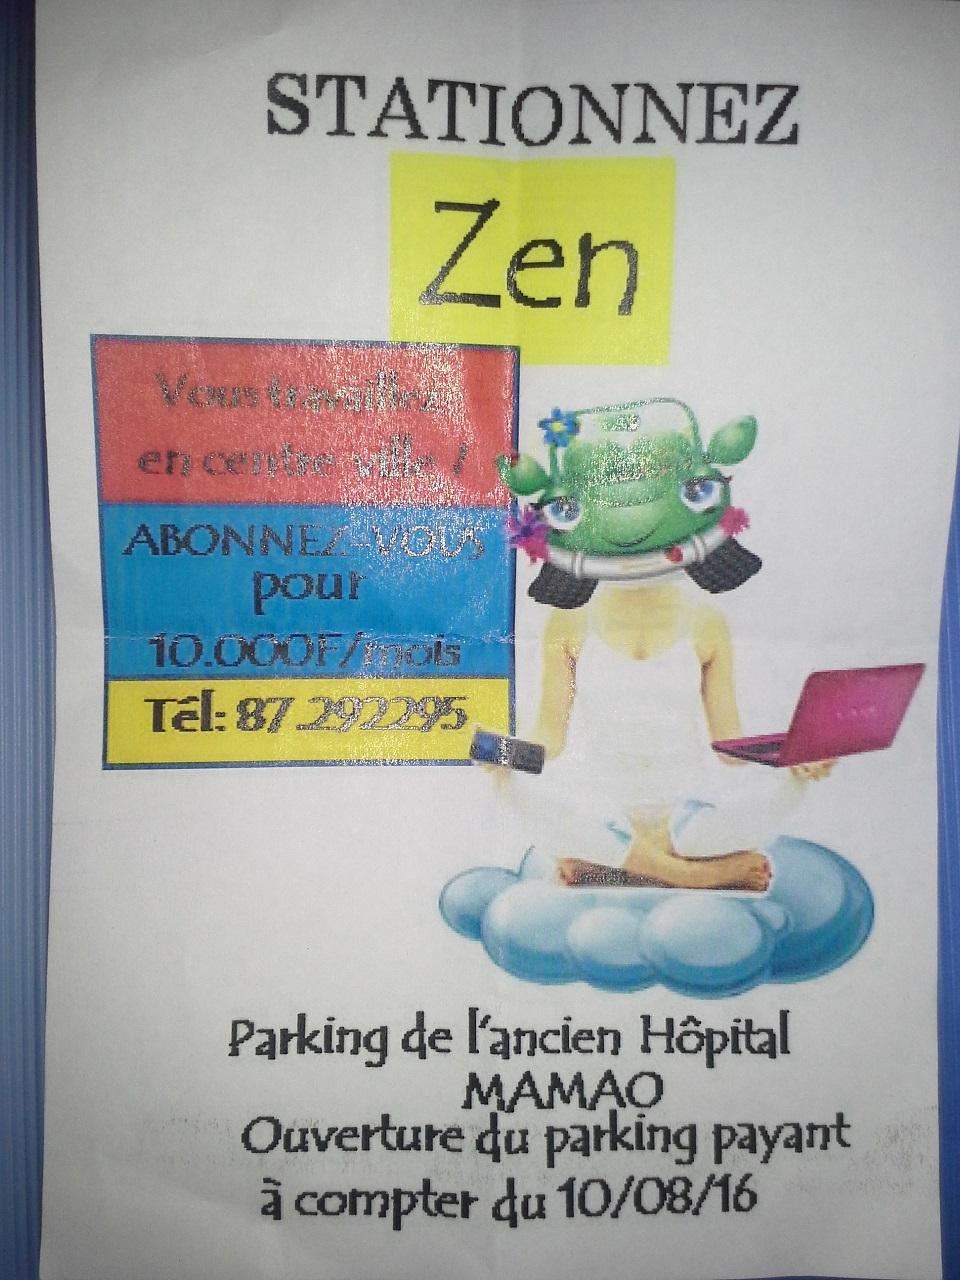 Le flyer posé mardi sur les pare-brises des véhicules en stationnement à Mamao.